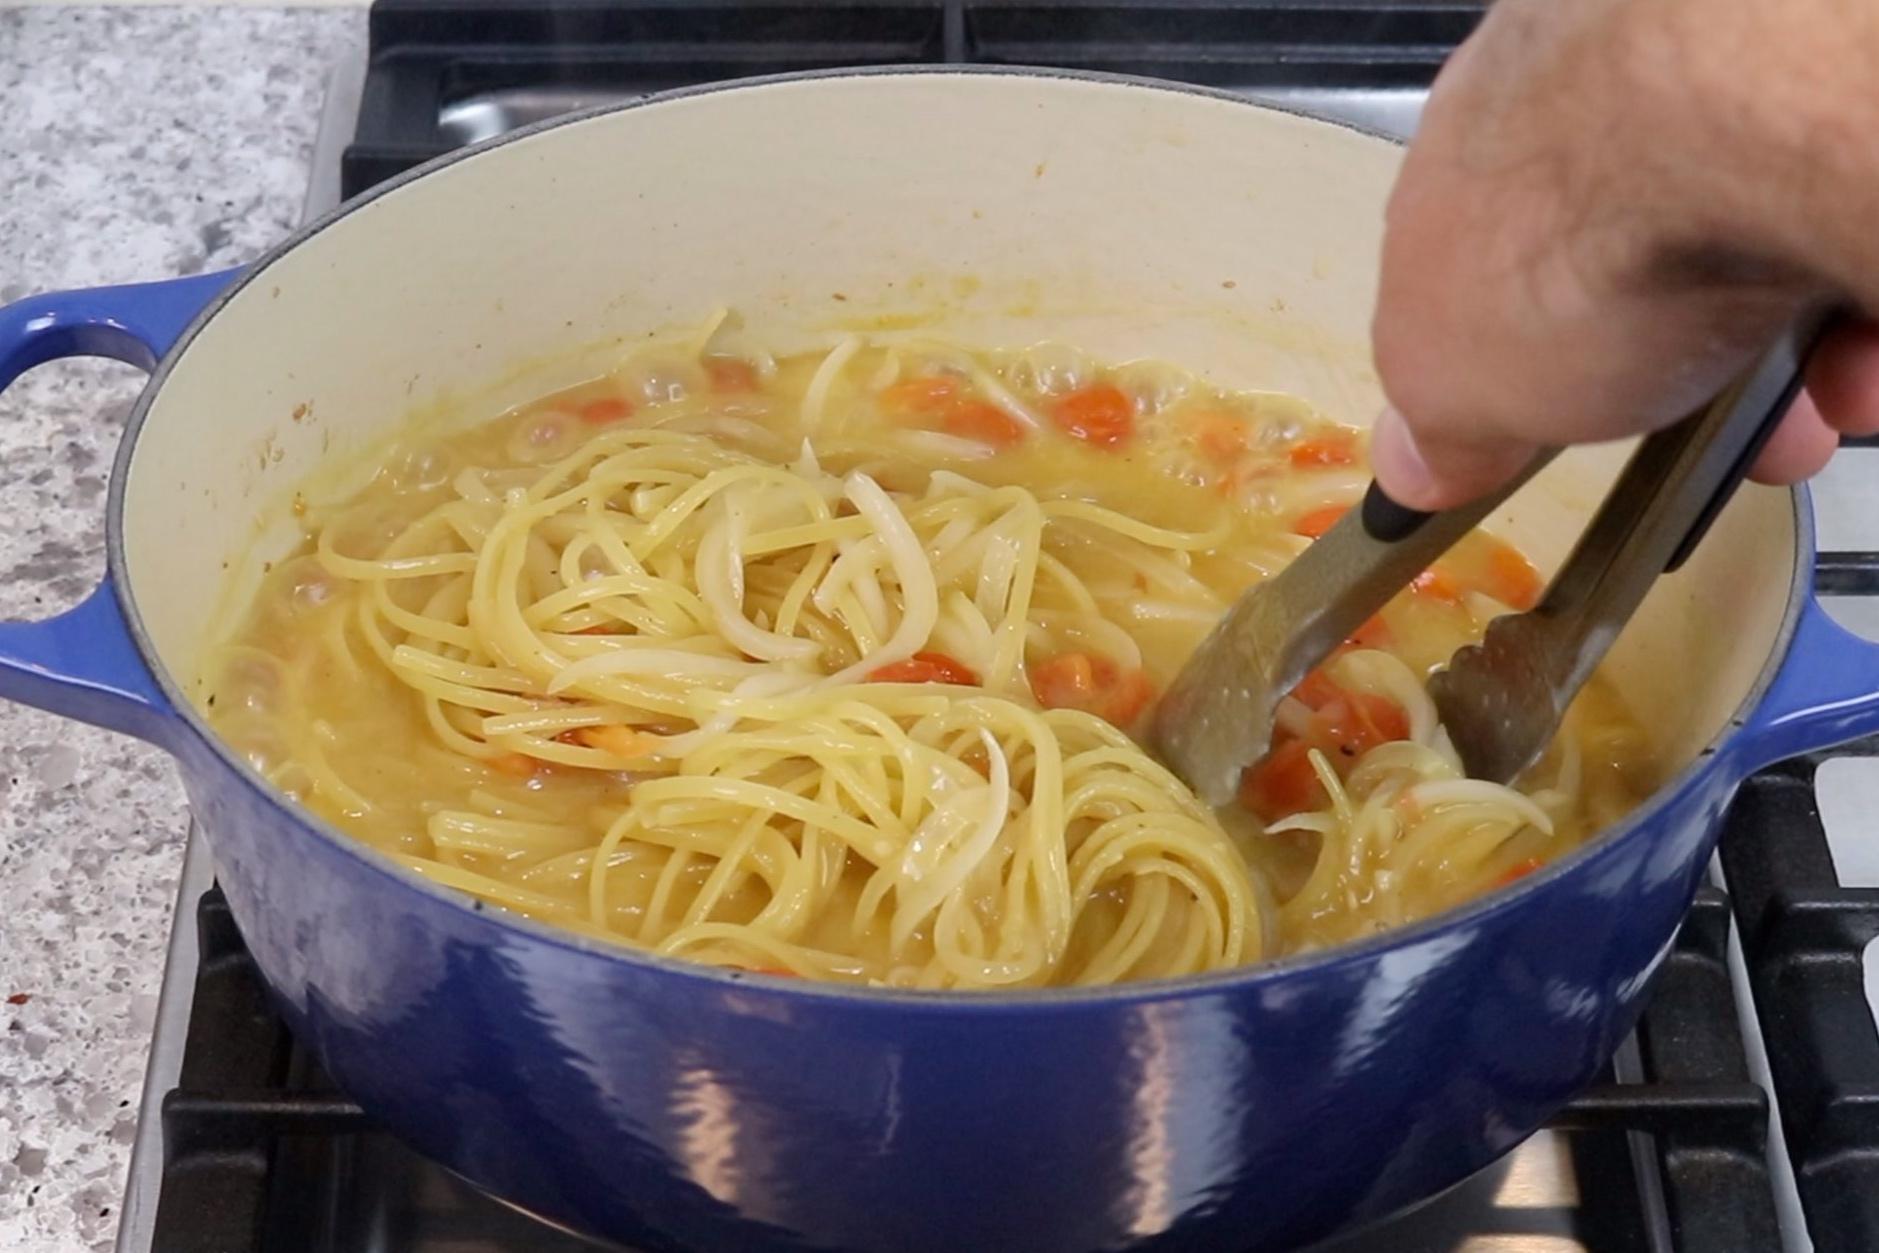 4. Boil pasta over medium-high heat for around 8 minutes stirring often until most of the liquid evaporates. -